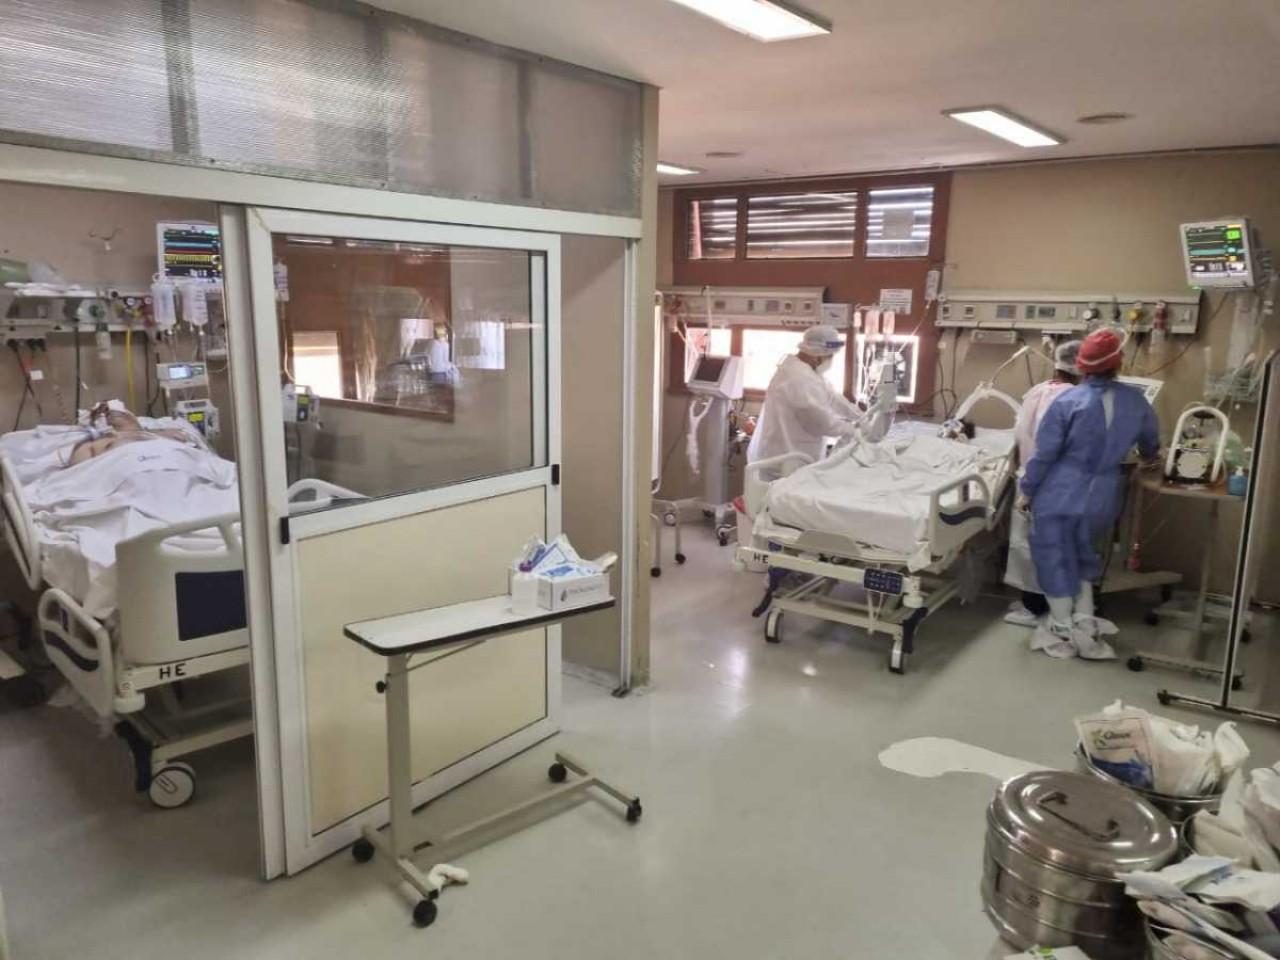 Hipertensión, obesidad y diabetes, principales comorbilidades de los pacientes con Covid que requirieron asistencia respiratoria